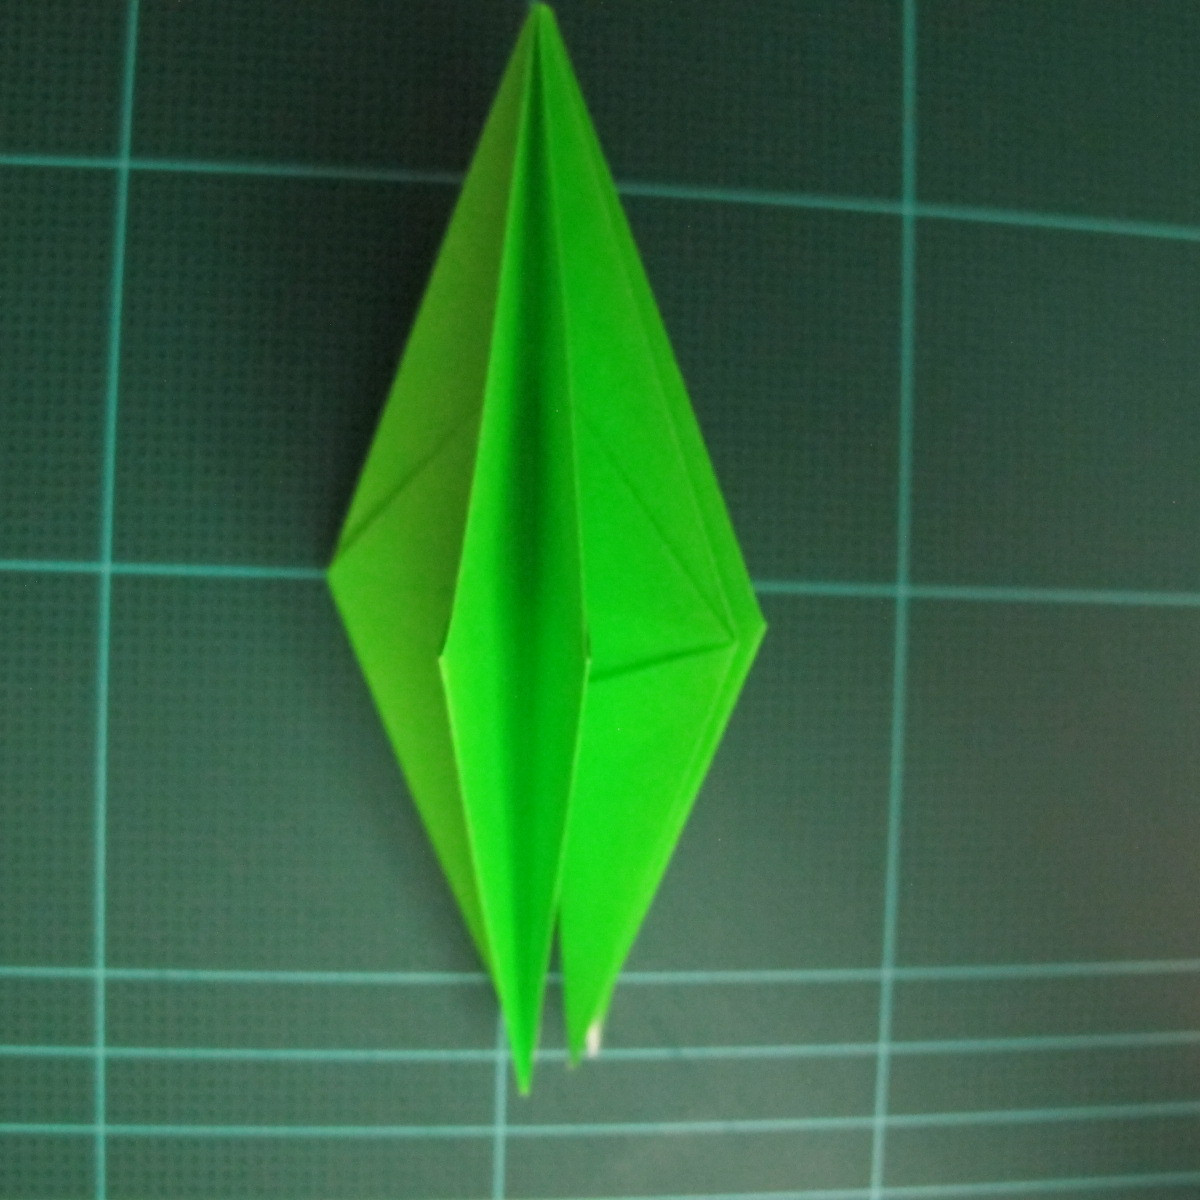 วิธีพับกระดาษเป็นจรวด X-WING สตาร์วอร์ (Origami X-WING) 018